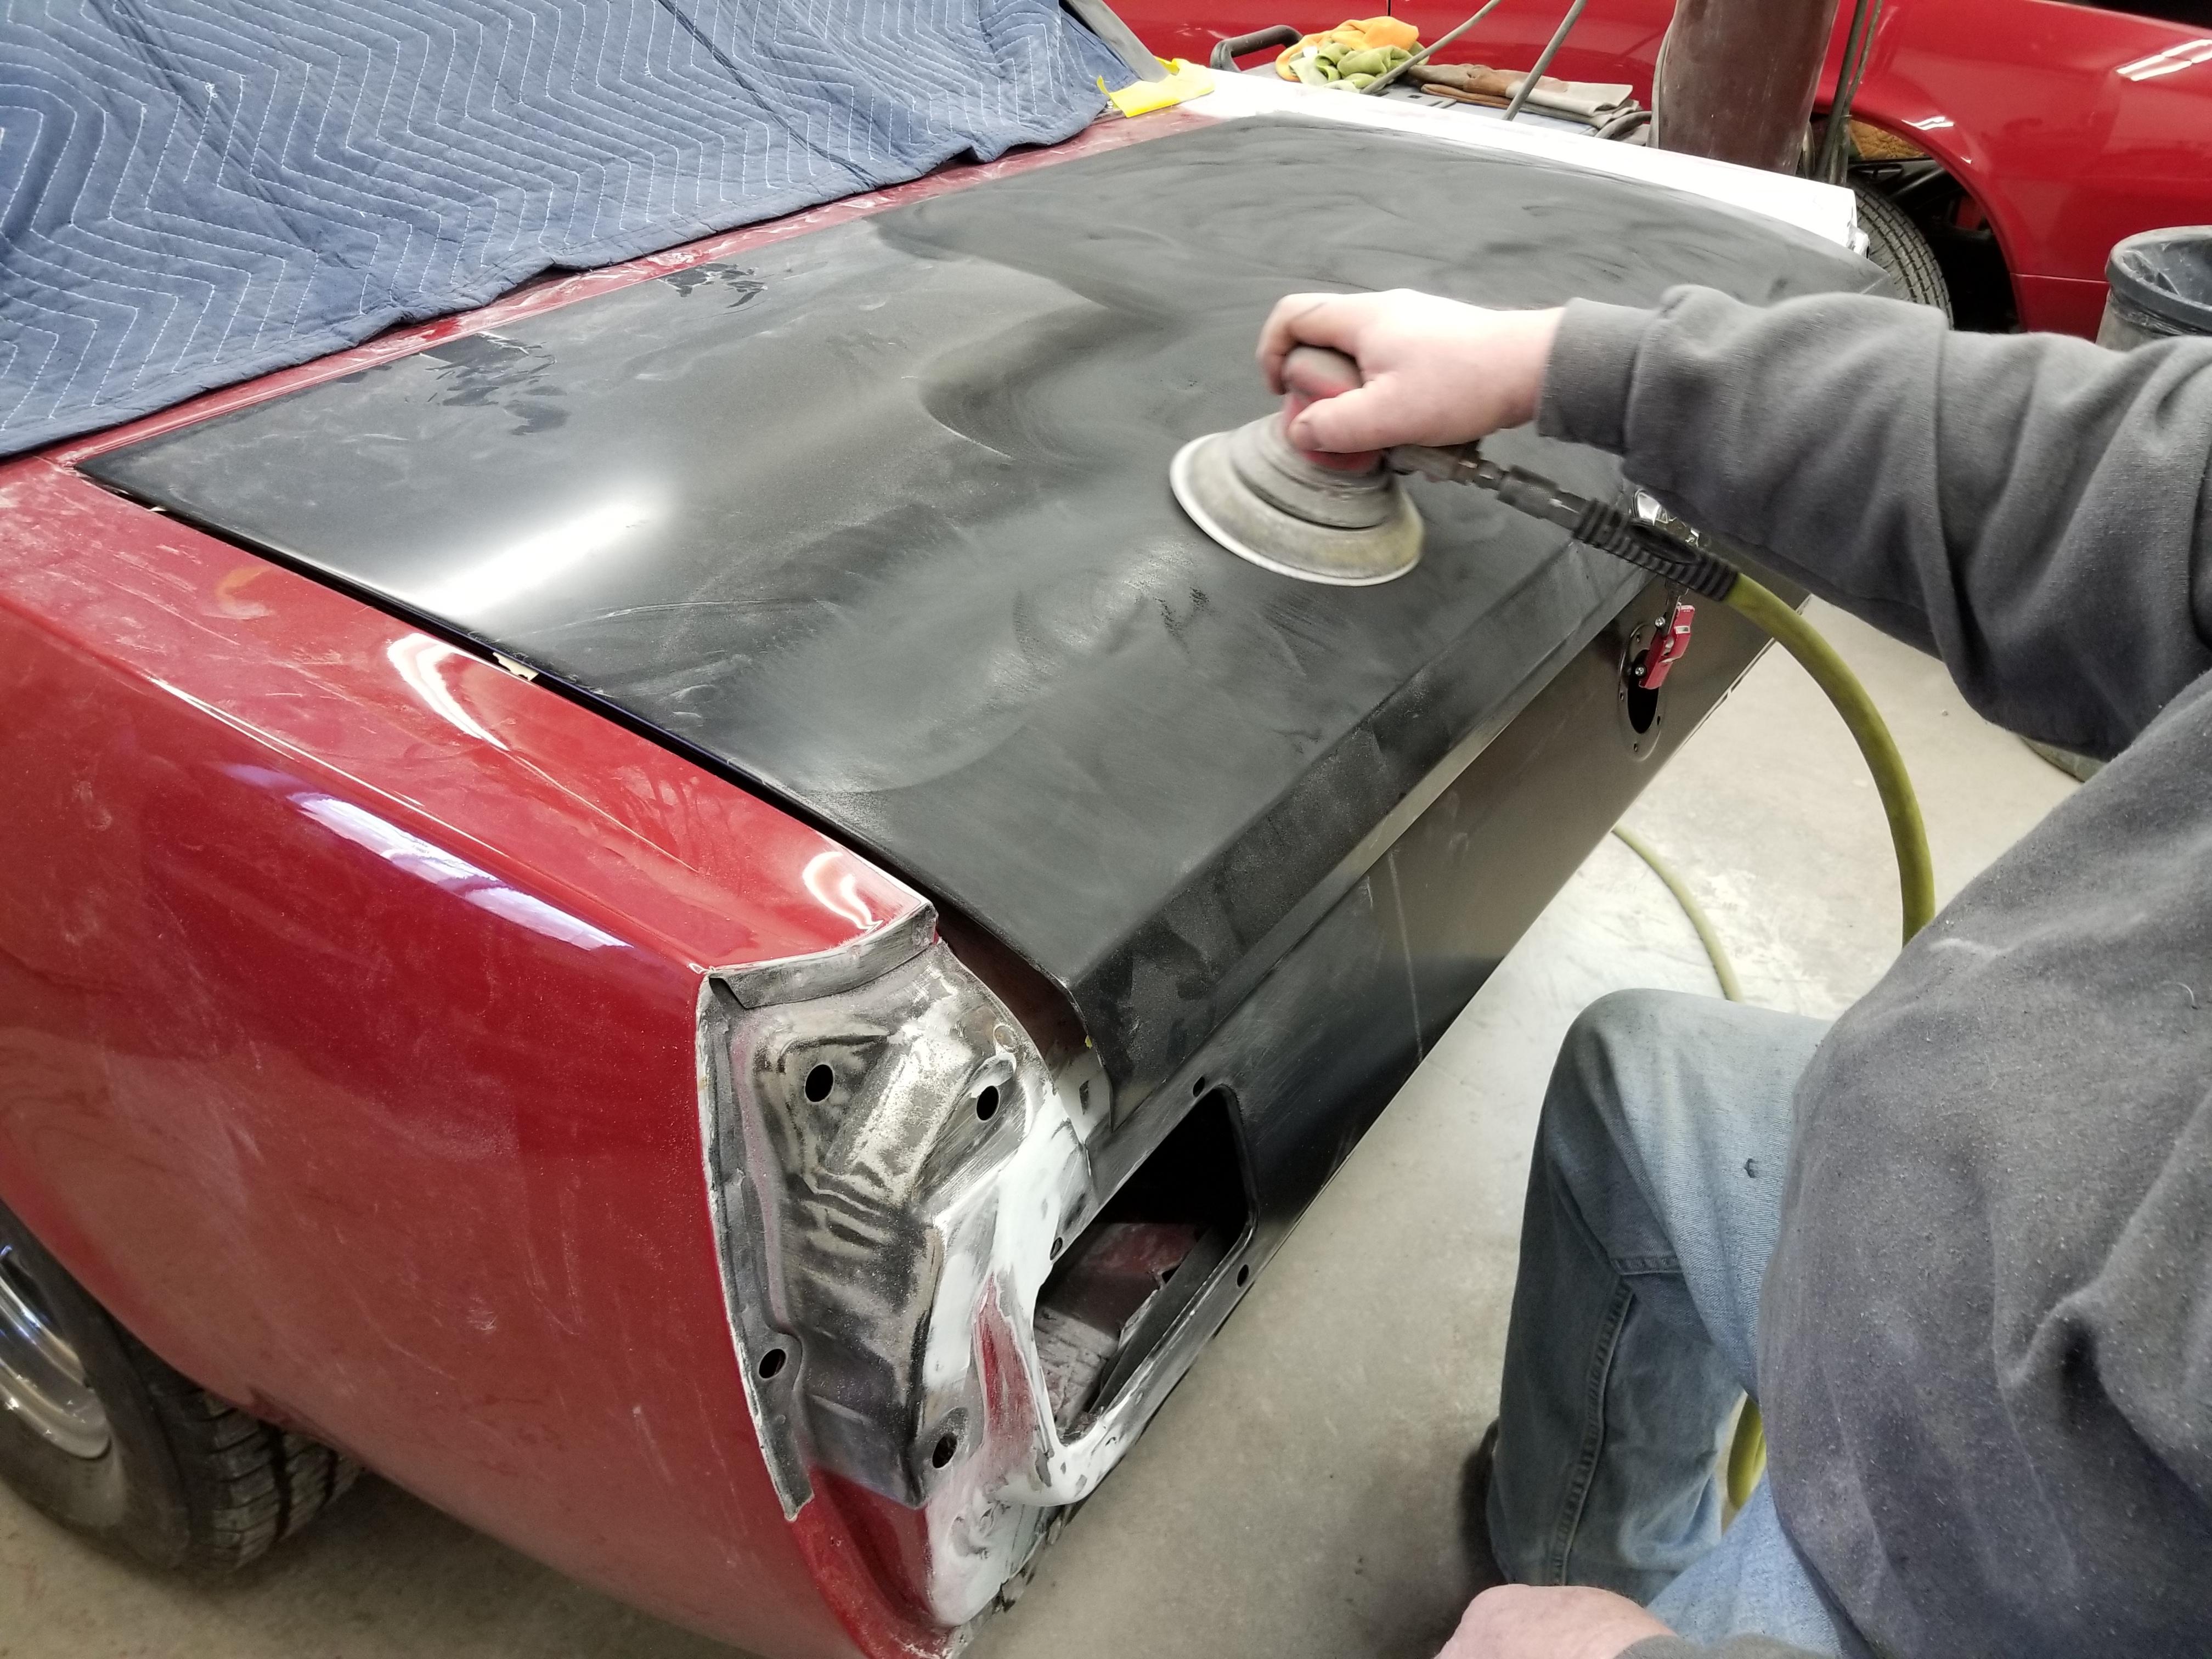 66 Mustang Repair